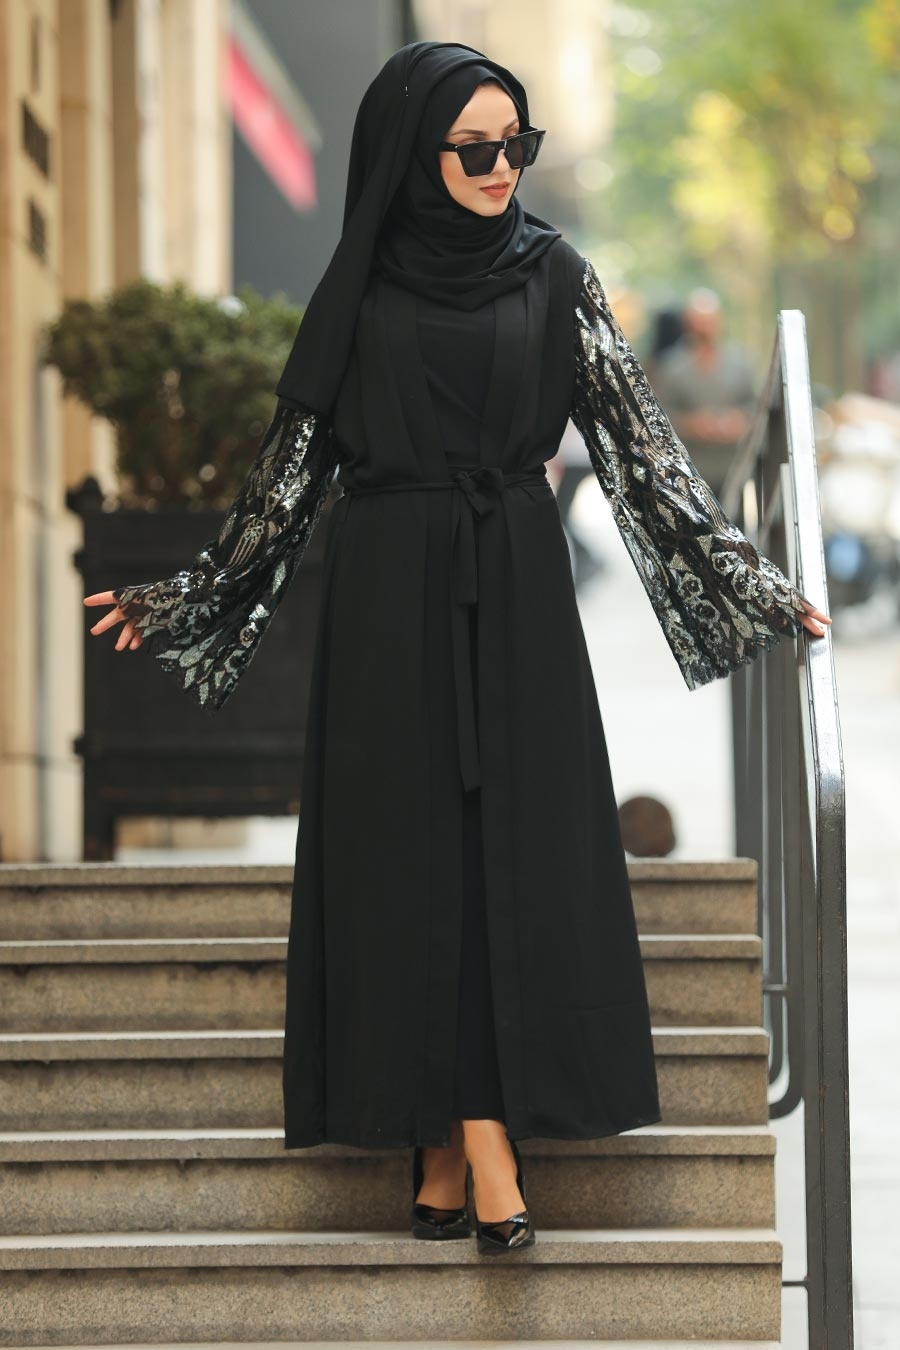 Nayla Collection - Pul Payetli Siyah Tesettür Abaya 95761S